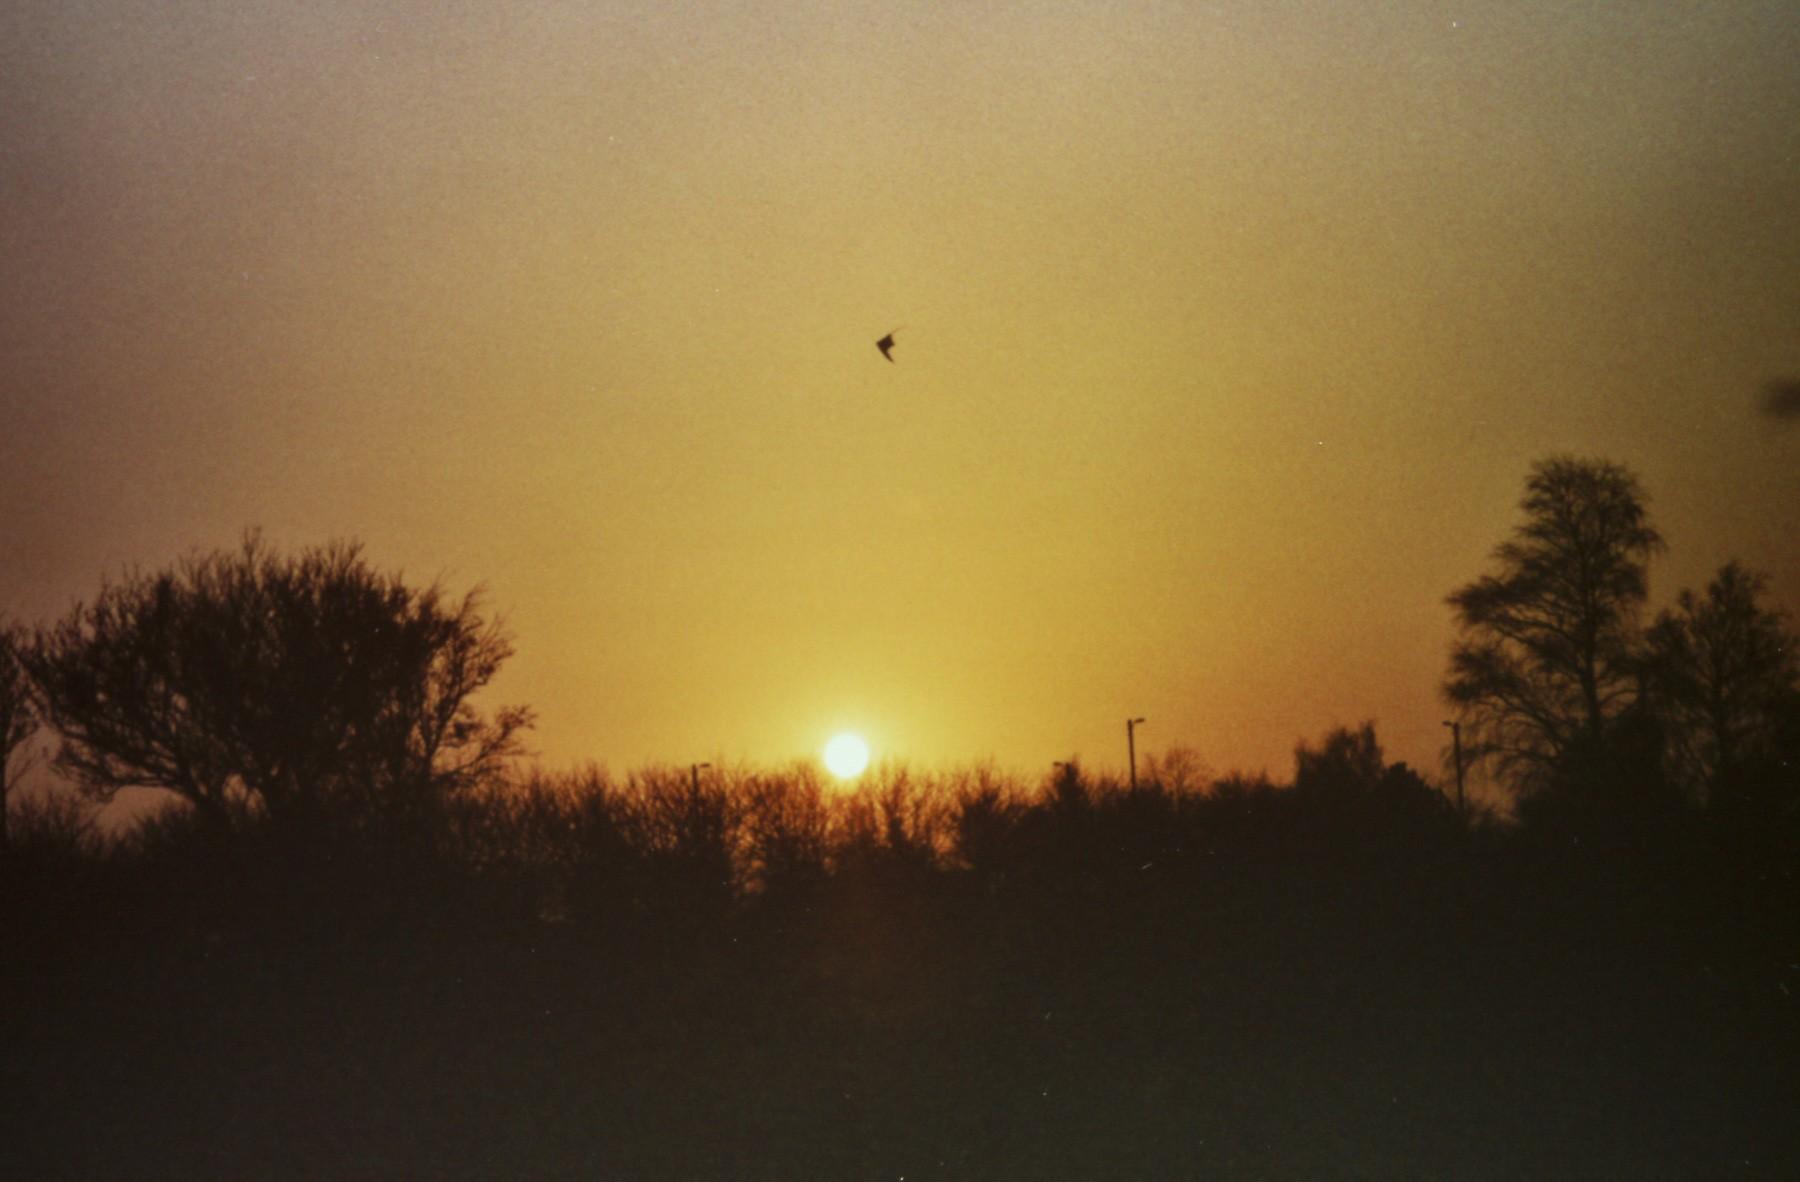 Solnedgang med et Canon EOS 300